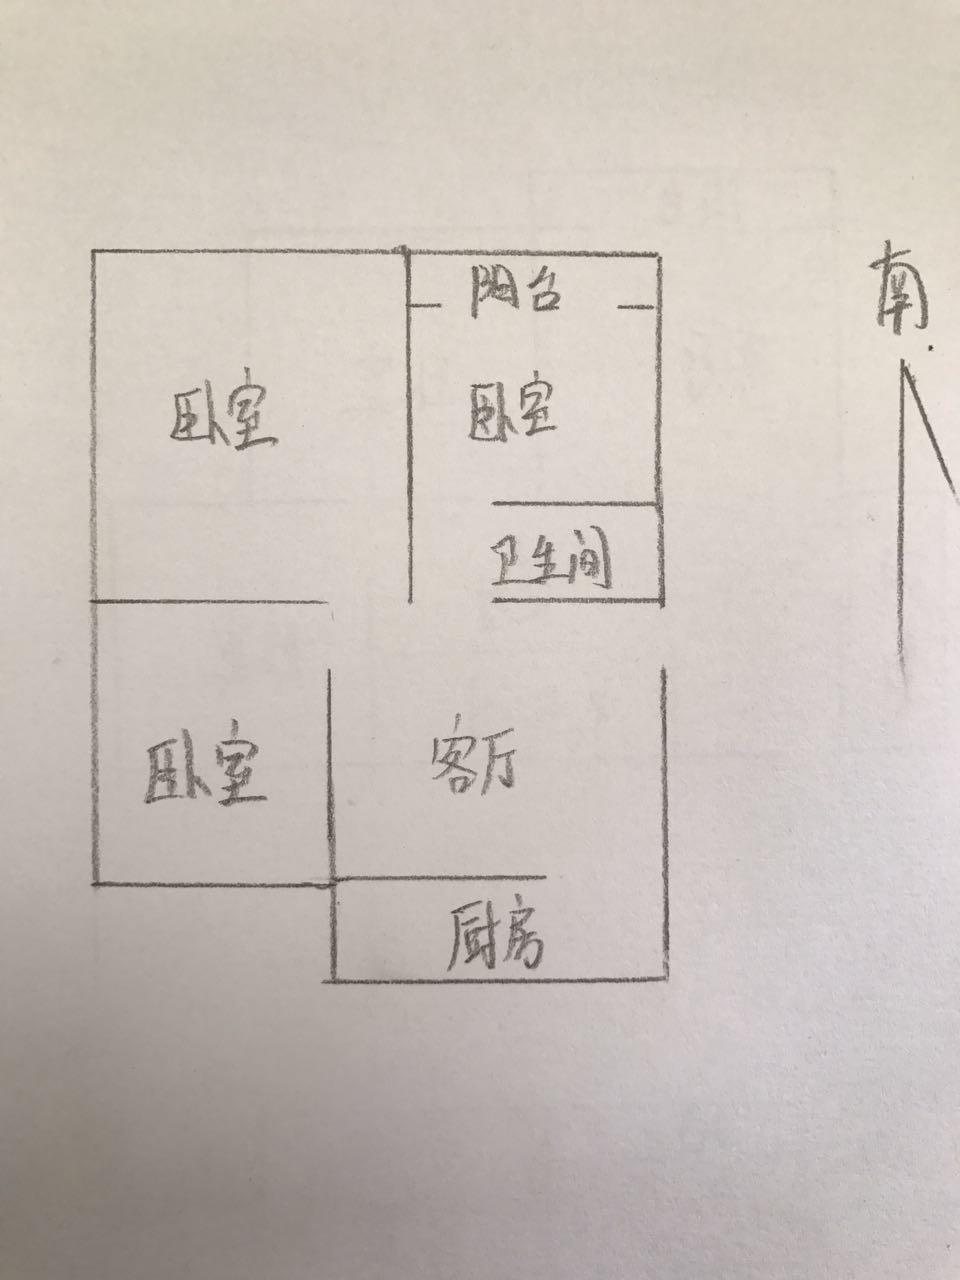 北园小区 3室1厅 2楼